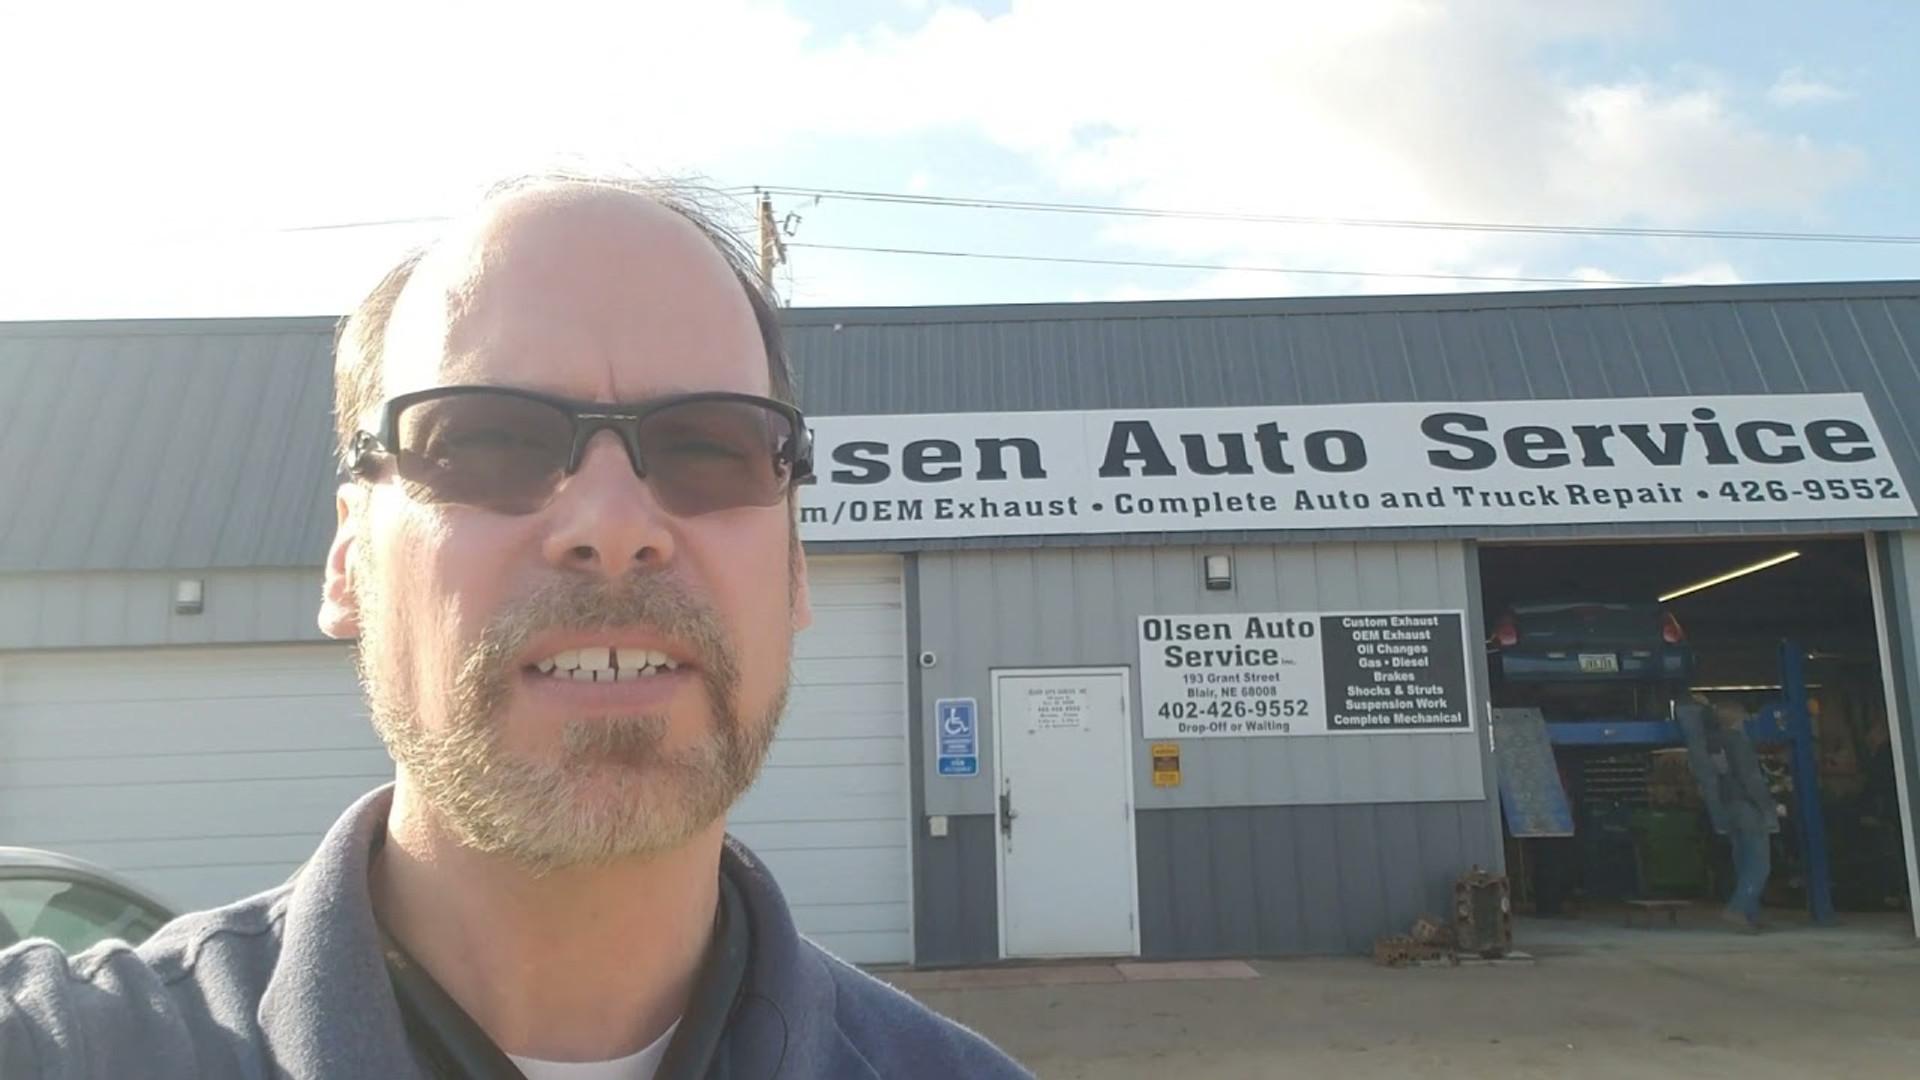 Olsen Auto Service